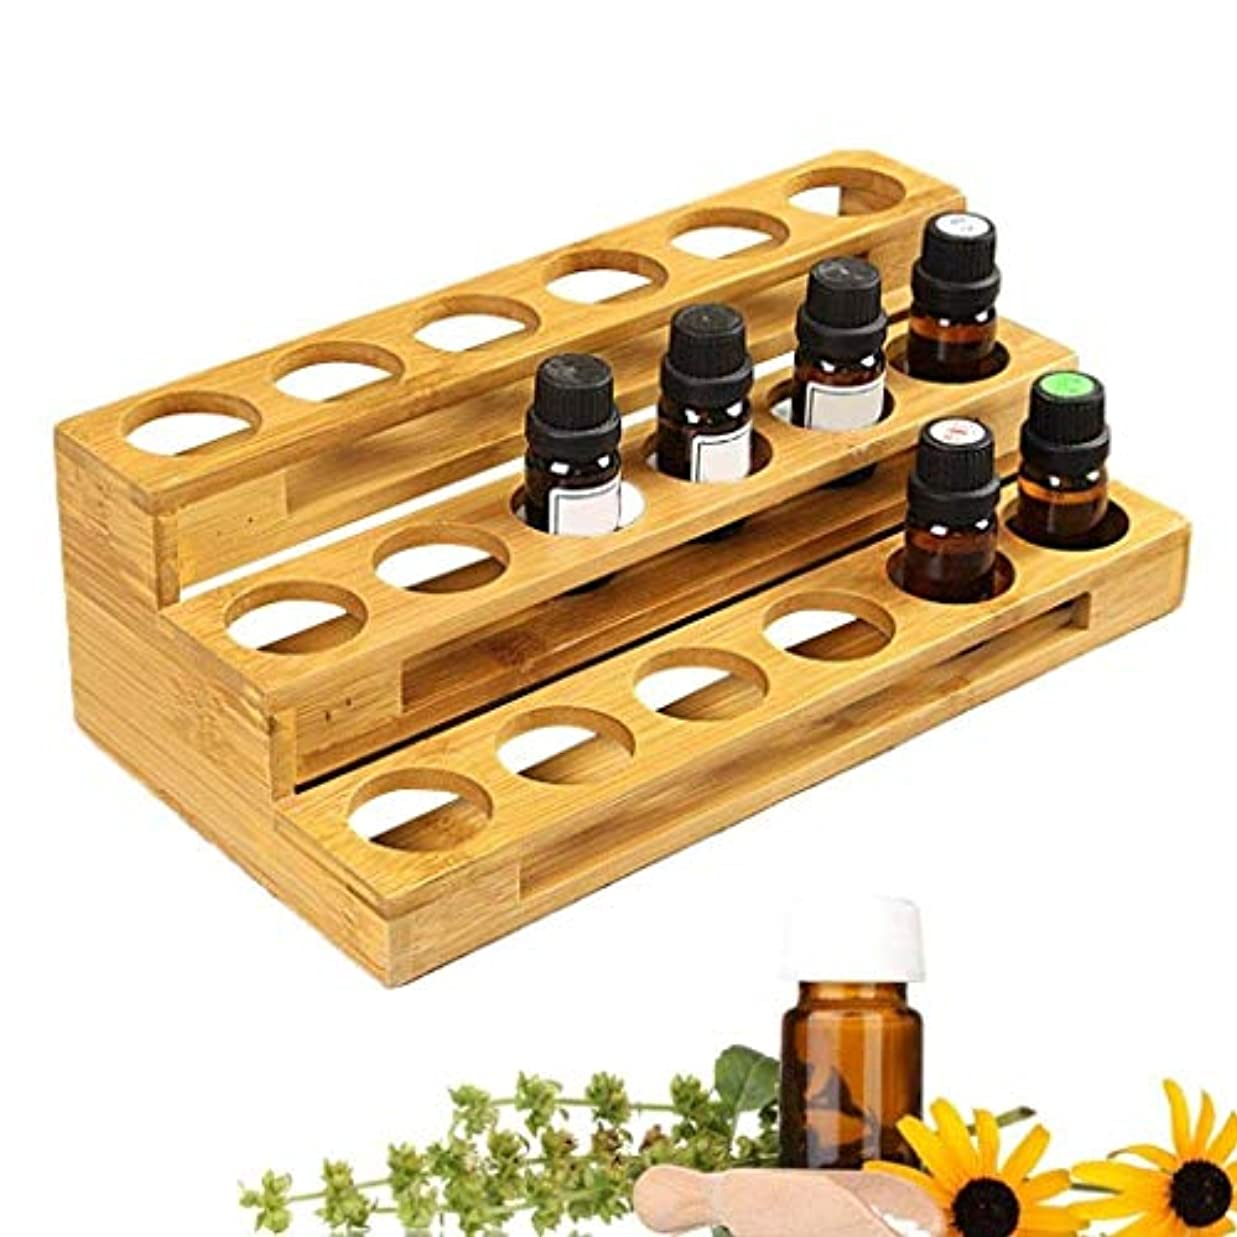 MercuryGo エッセンシャルオイル ケース 精油ケース 和風 木製 エッセンシャルオイル 香水収納 収納ボックス 回転式 大容量 コンパクト